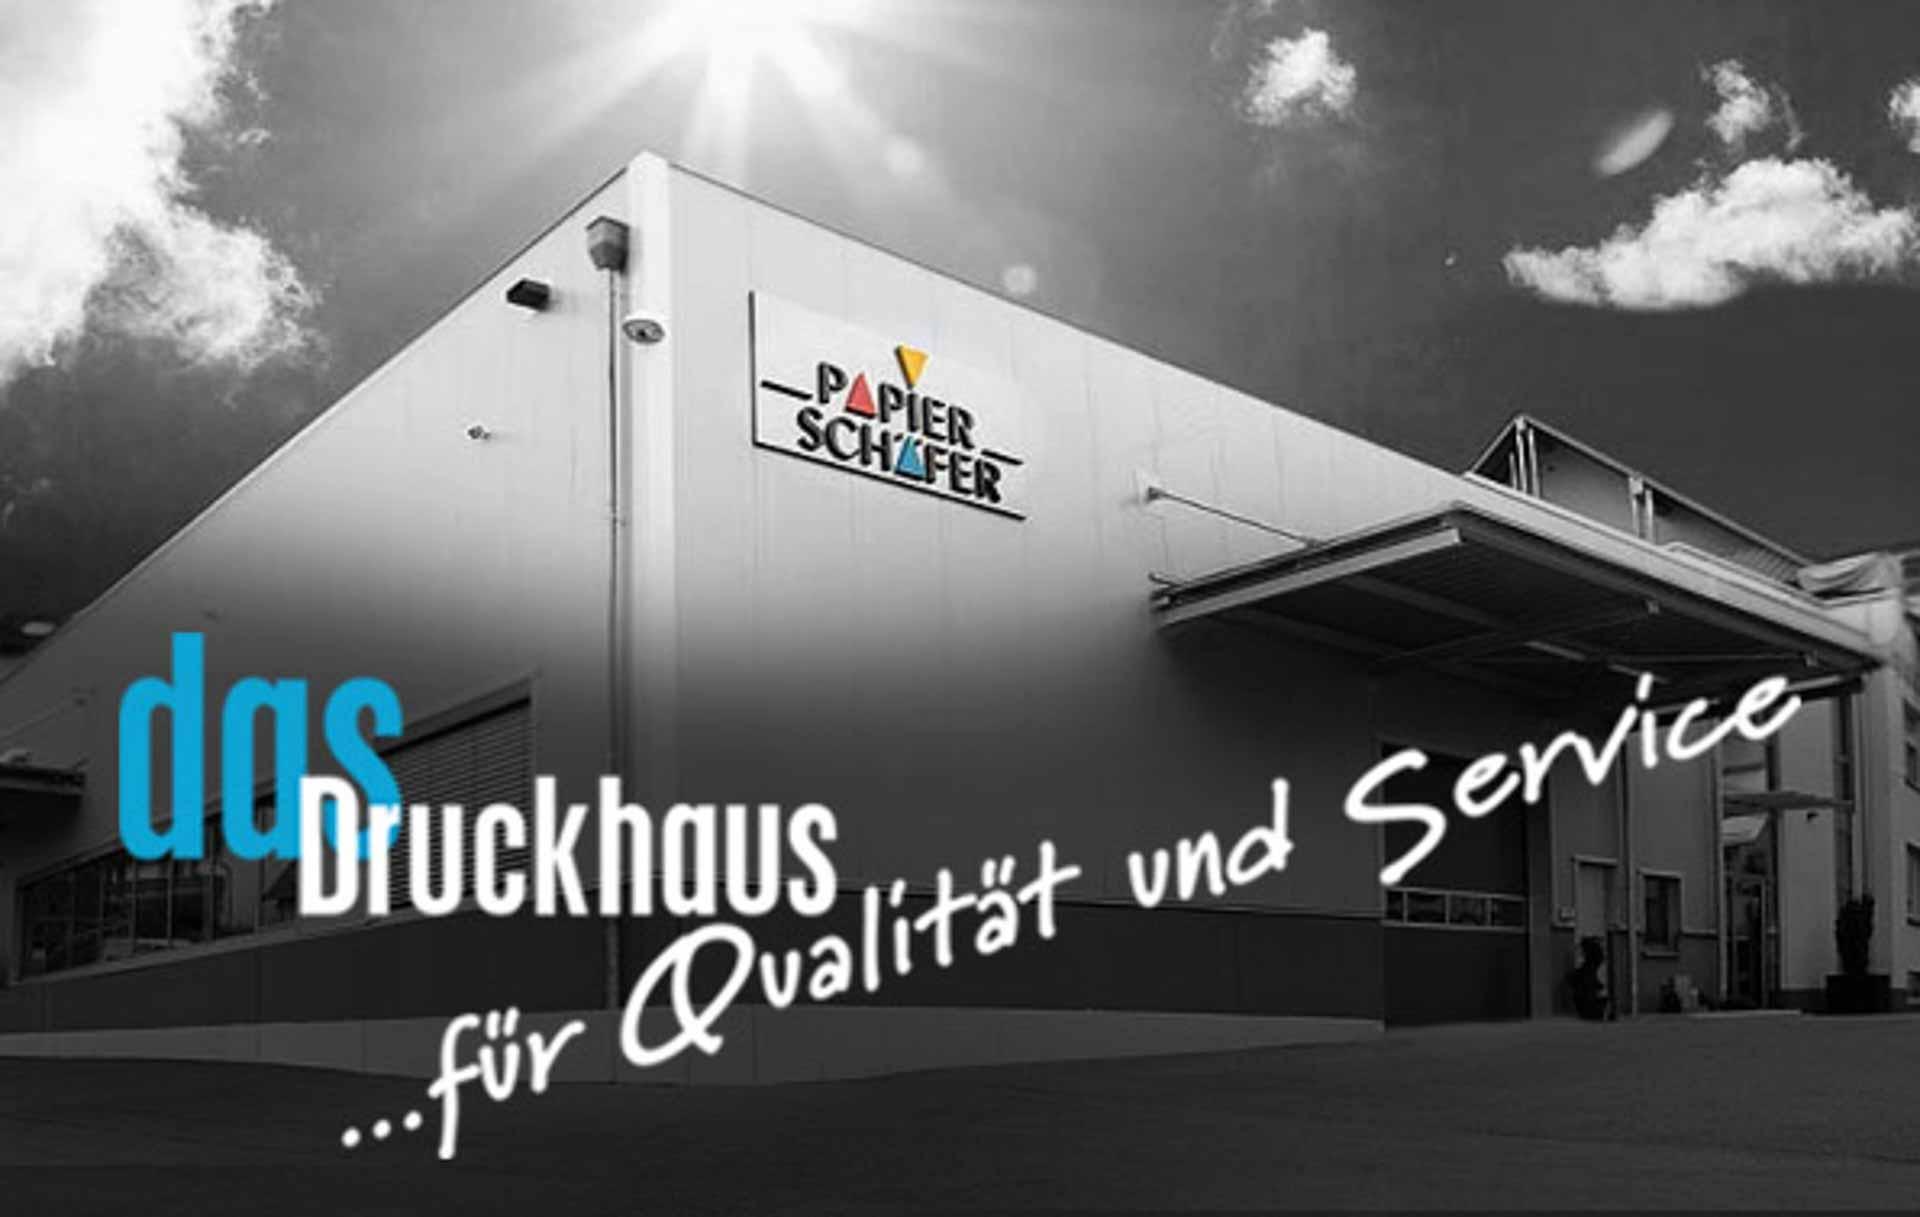 Druckhaus | Papier-Schäfer GmbH & Co. KG